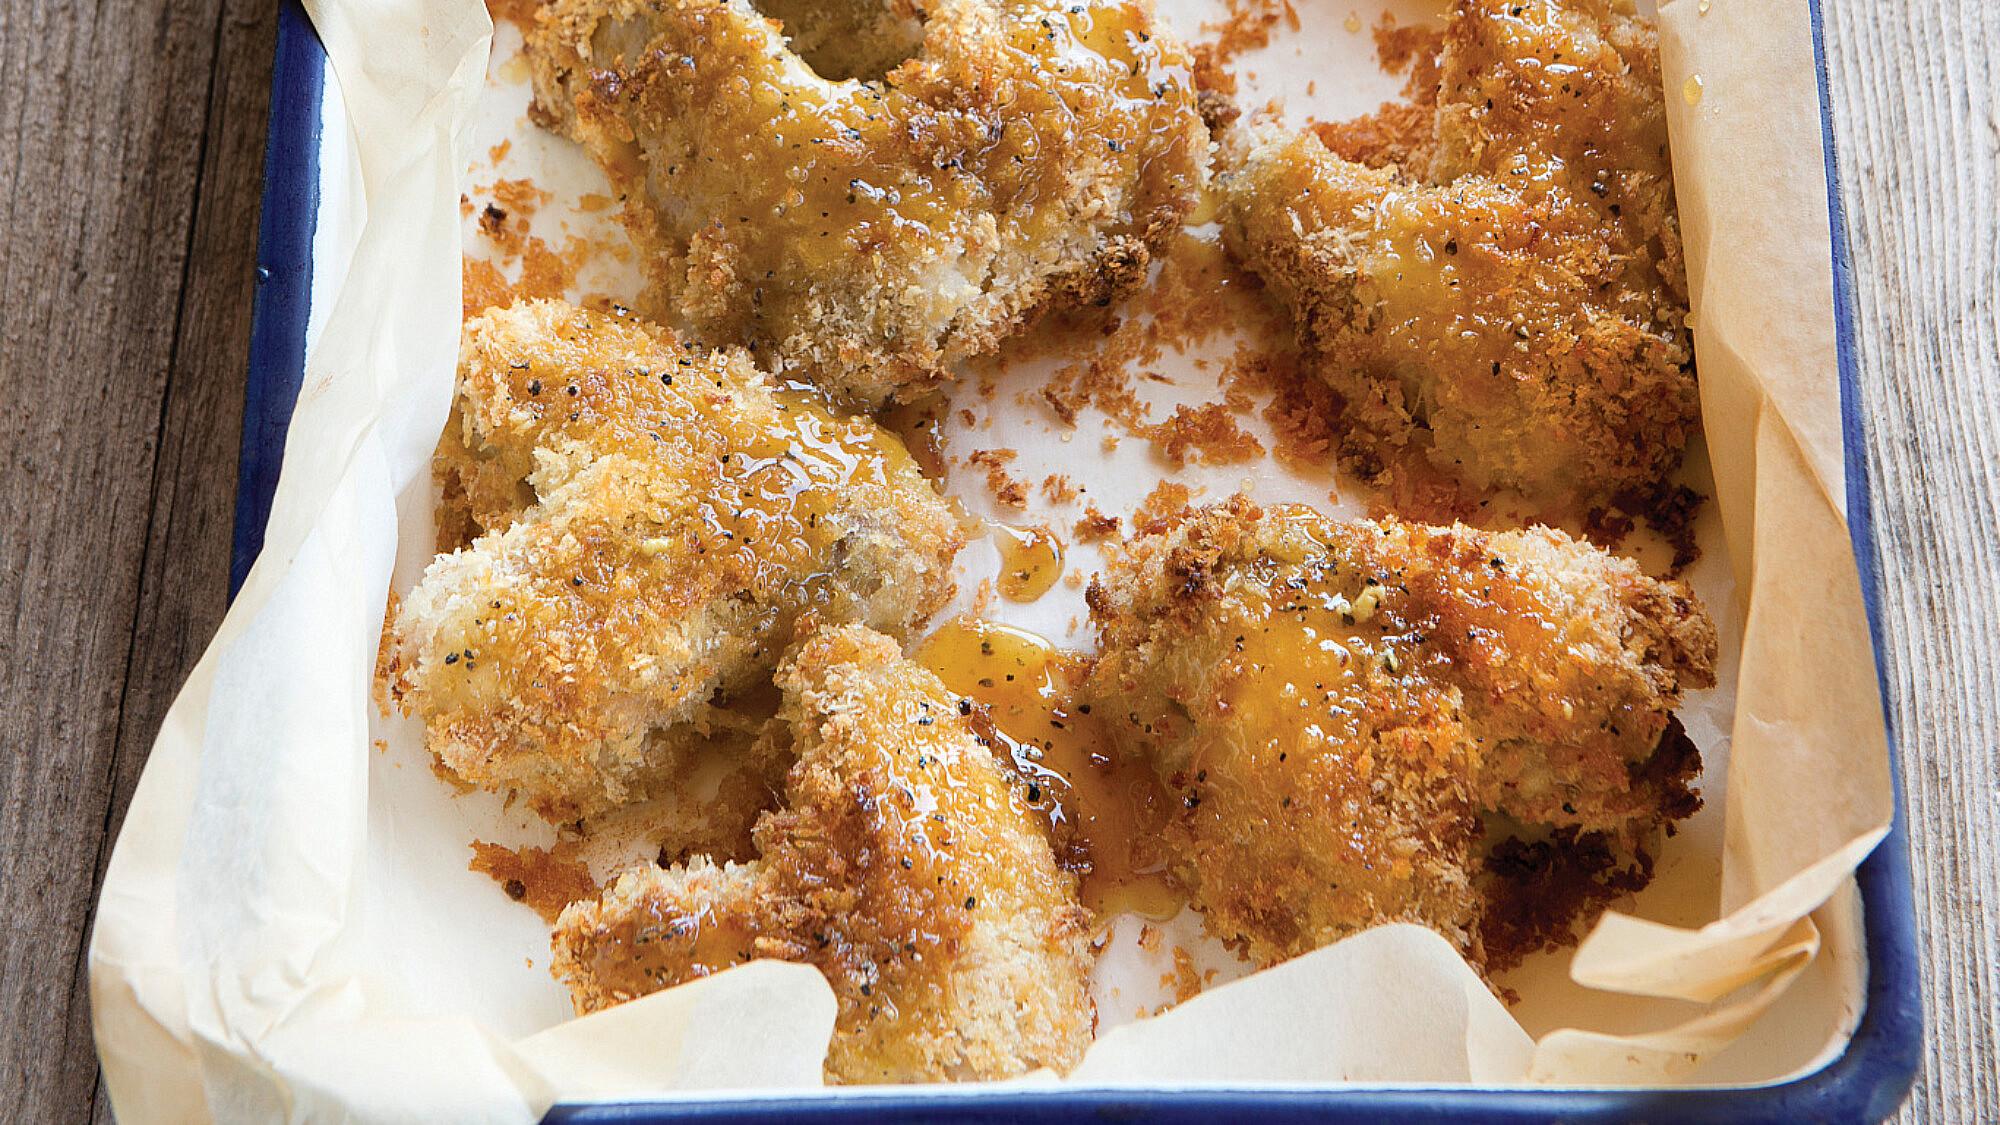 כנפיים פריכות בתנור. צילום: עודד מרום   סגנון: דיאנה לינדר